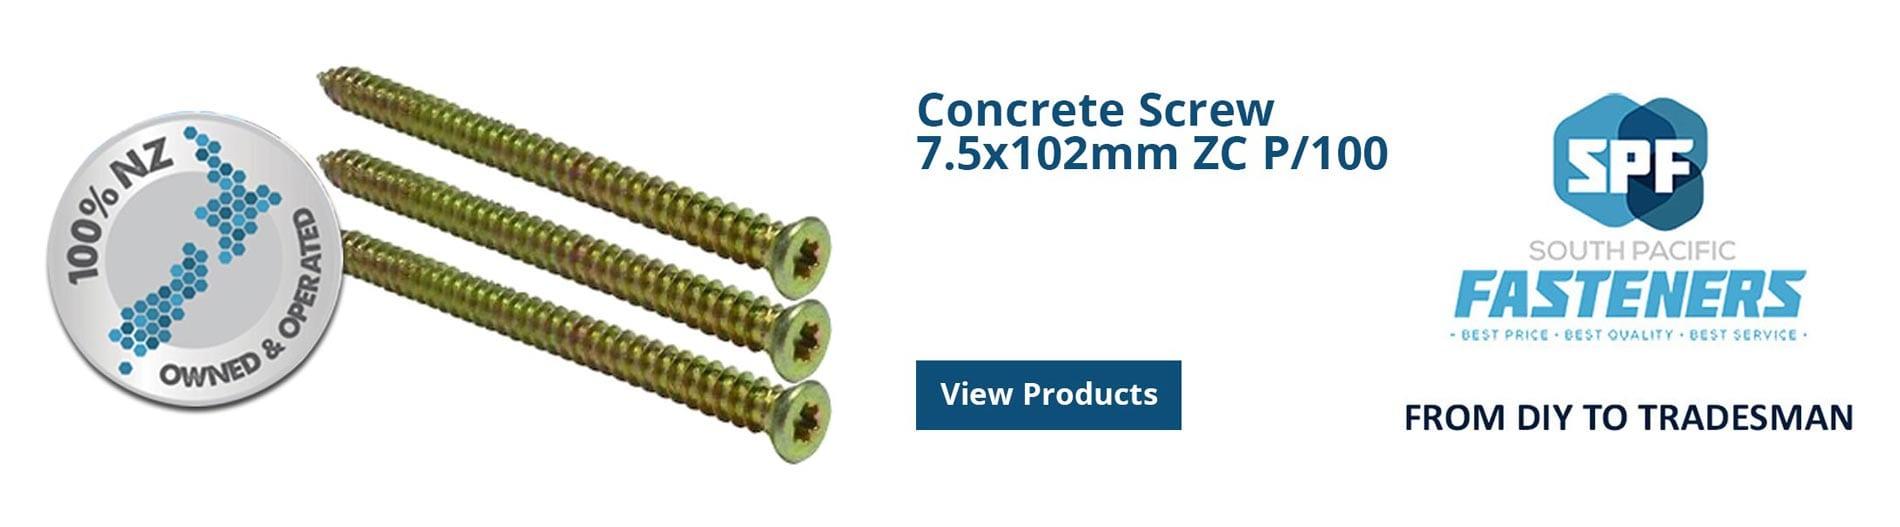 Concrete Screws - SP Fasteners